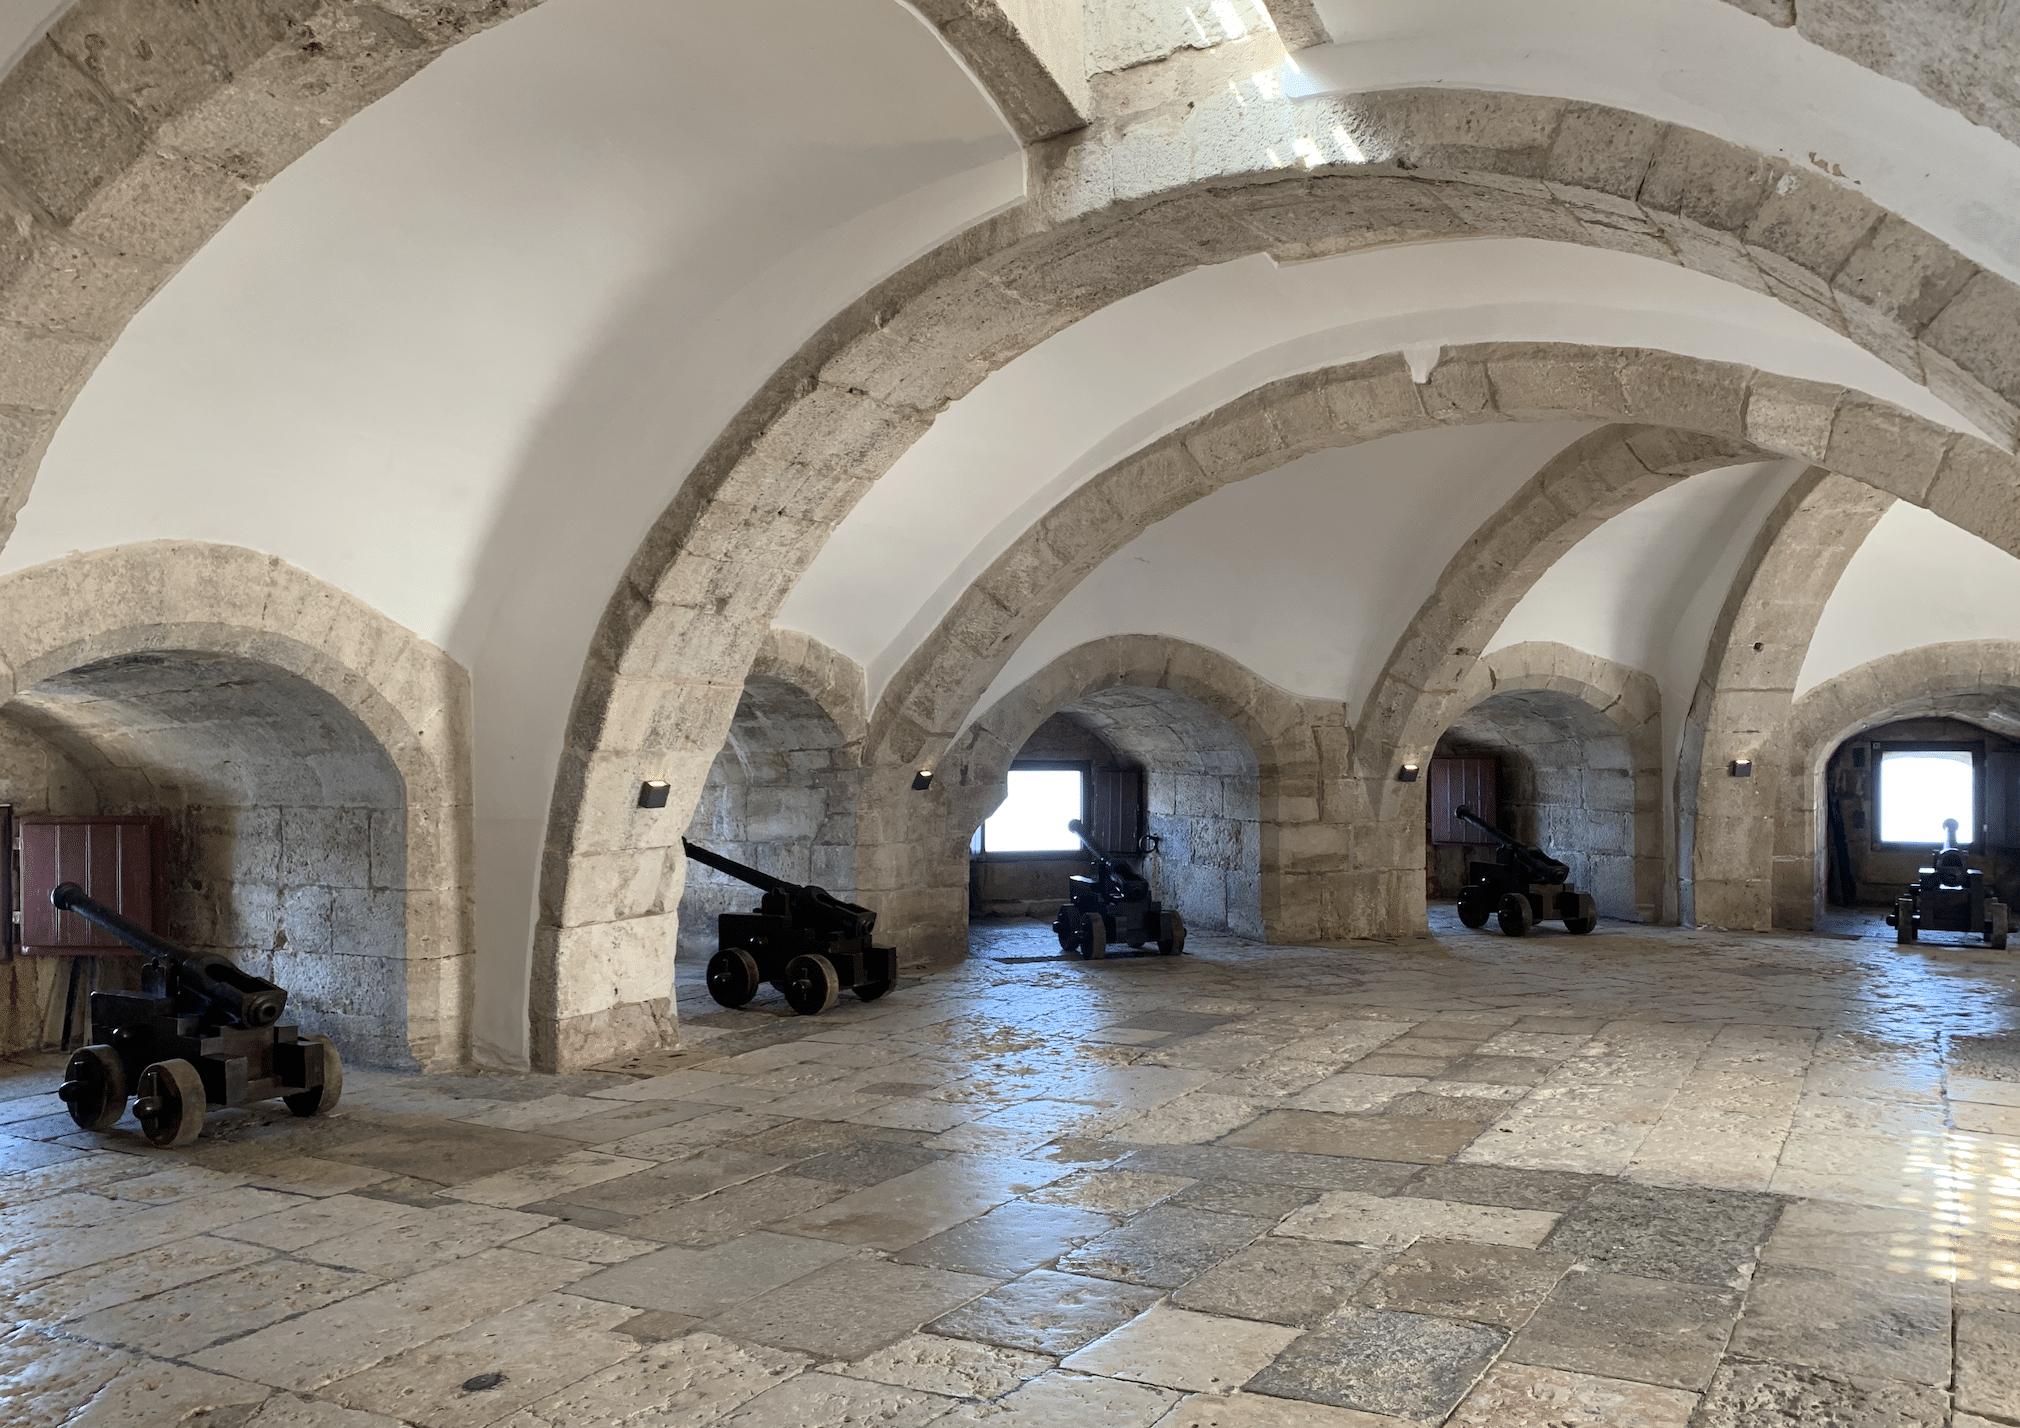 visite de la tour de belem